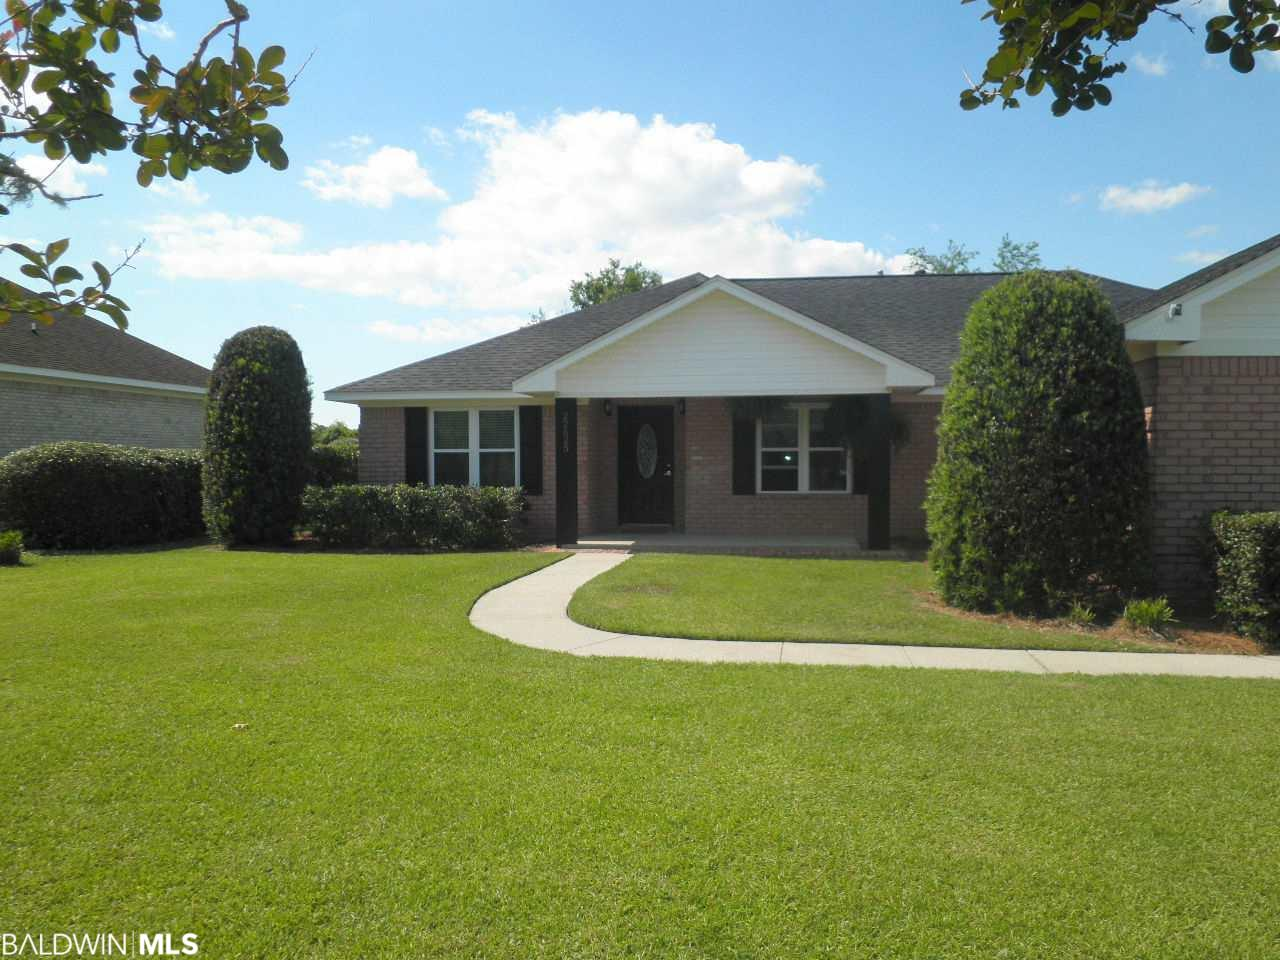 22625 Wedgewood Drive, Foley, AL 36535